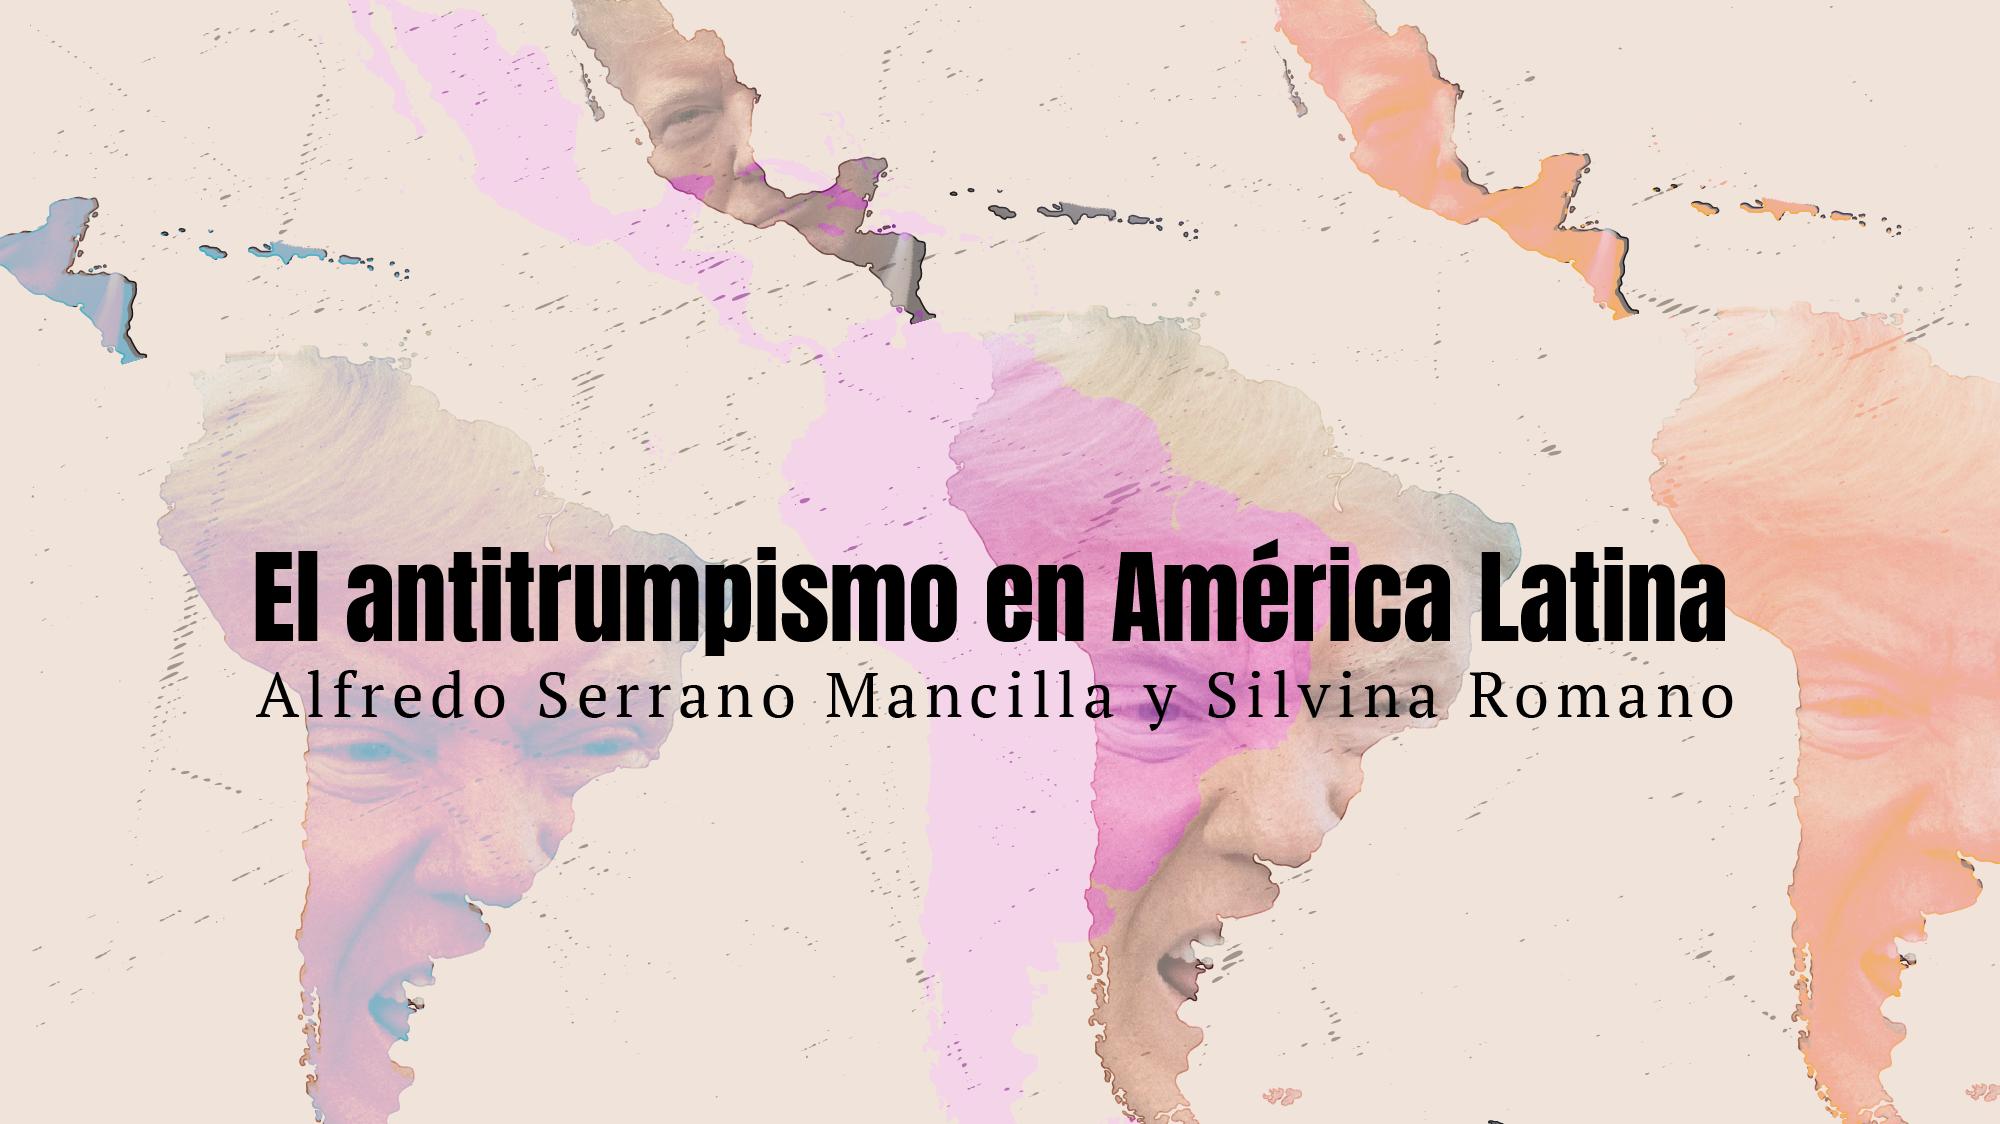 El antitrumpismo en América Latina